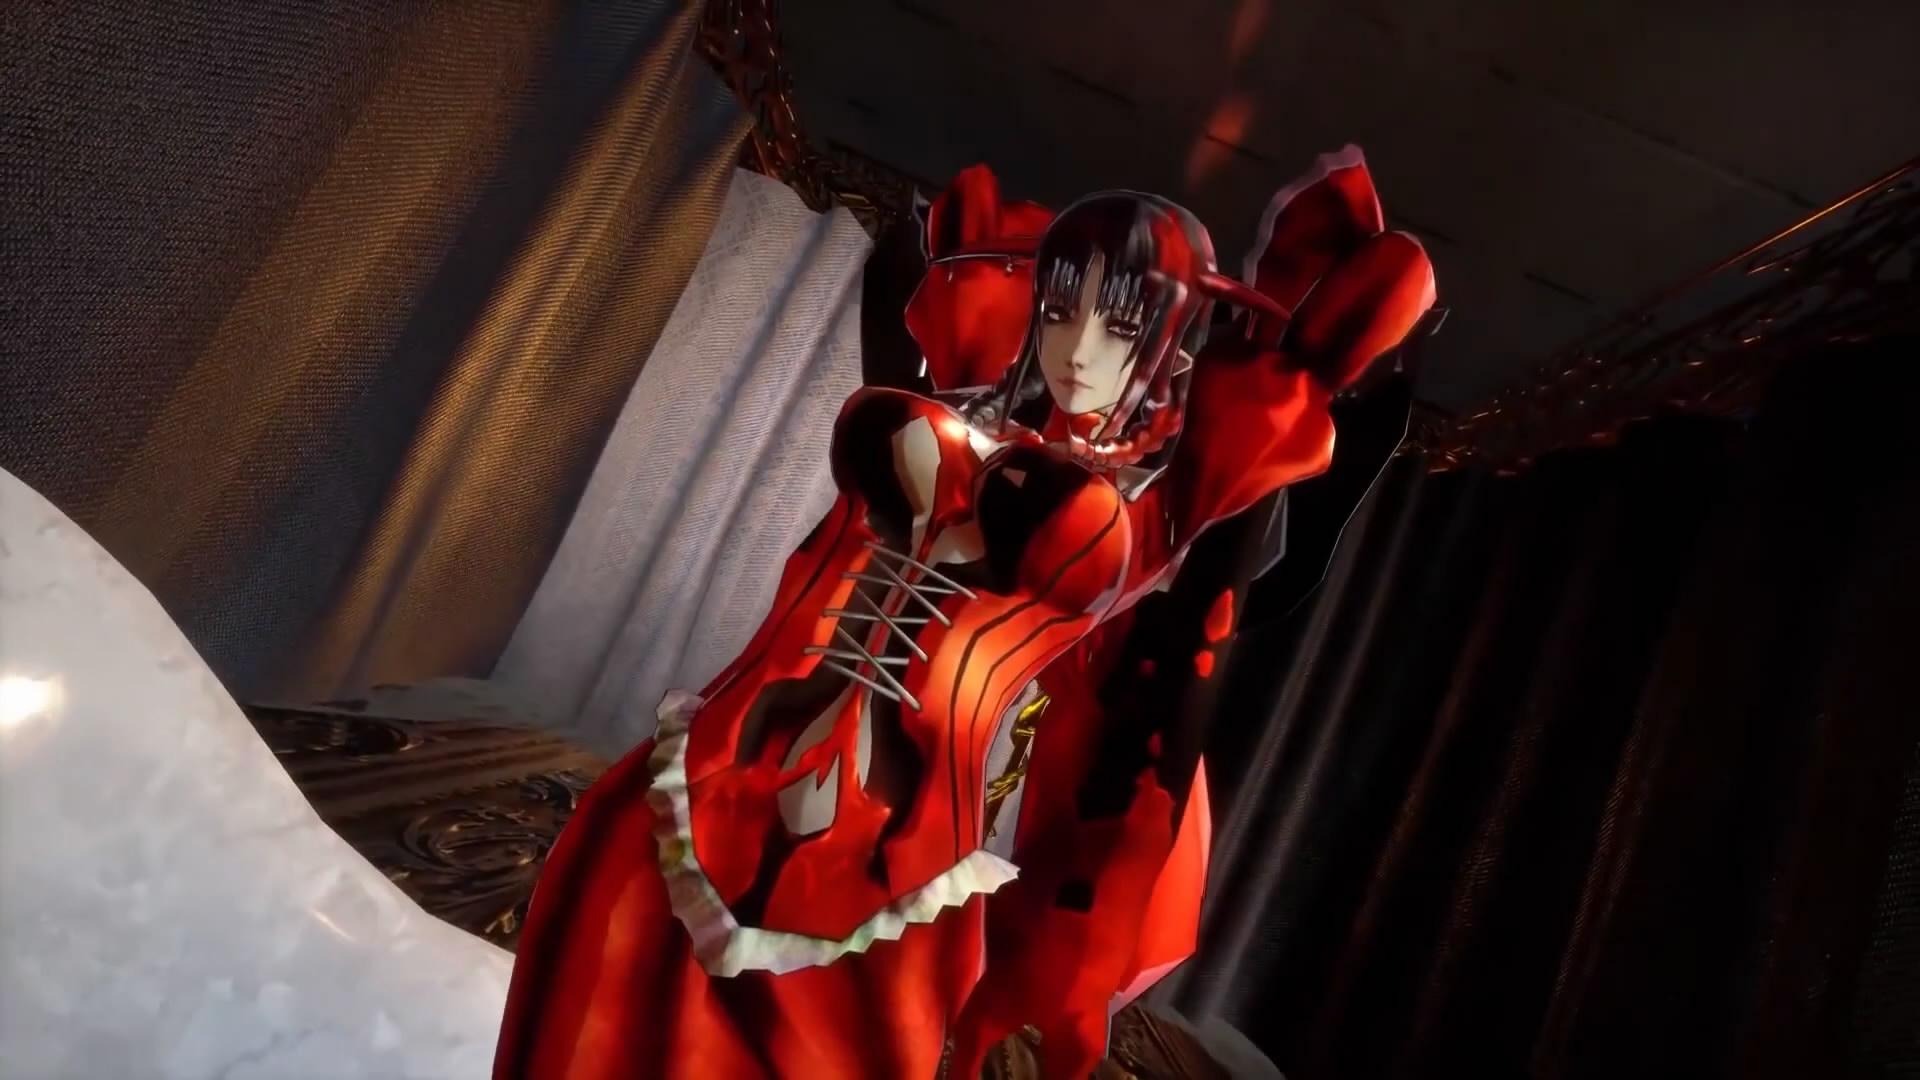 《血污:夜之仪式》繁中预告片 美女勇闯恶魔城堡